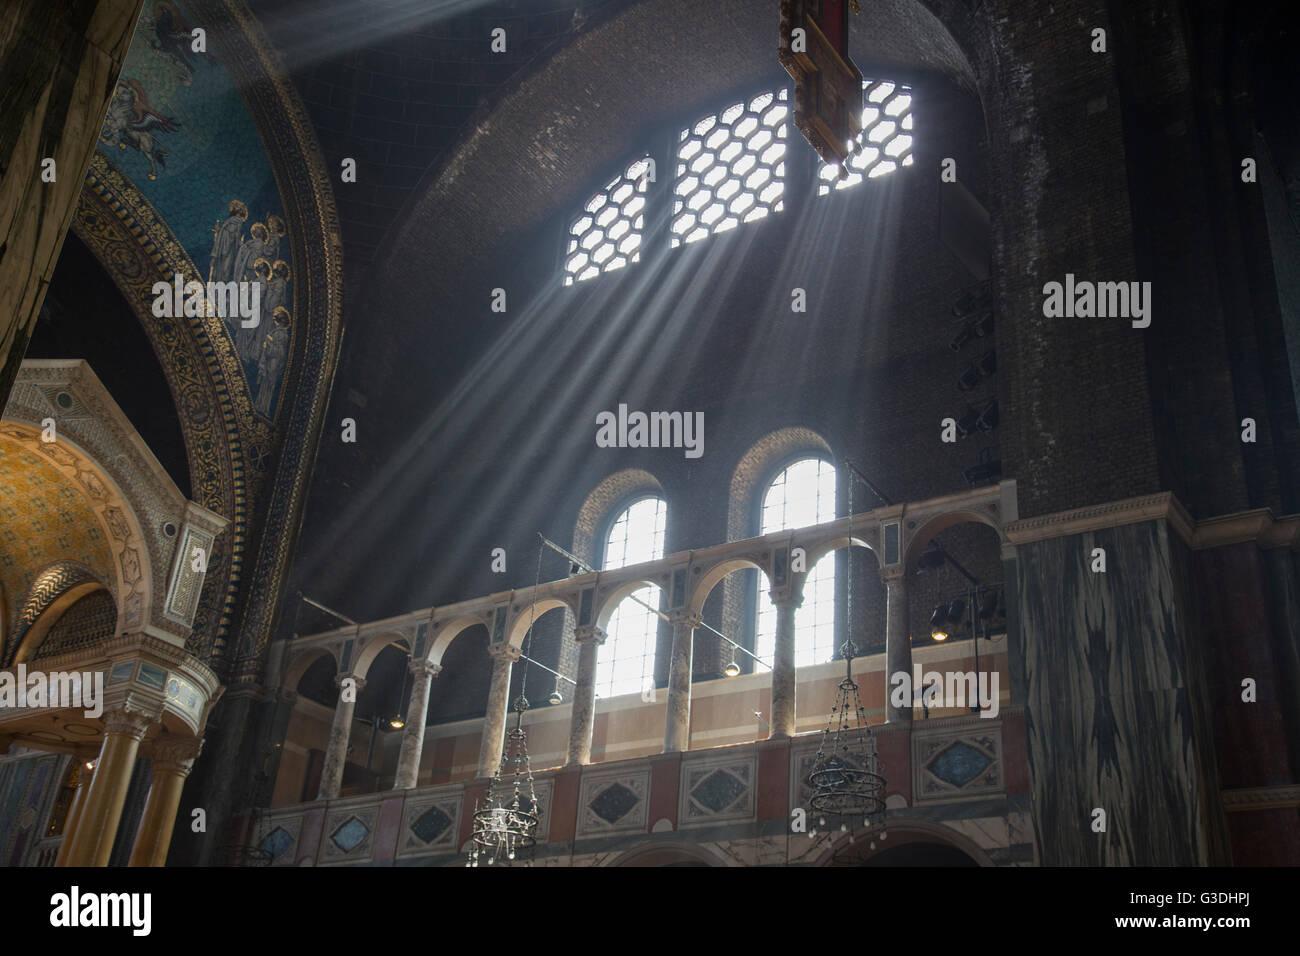 Interno della cattedrale di Westminster che mostra sun i raggi di luce provenienti in. Cattedrale di Westminster, Immagini Stock